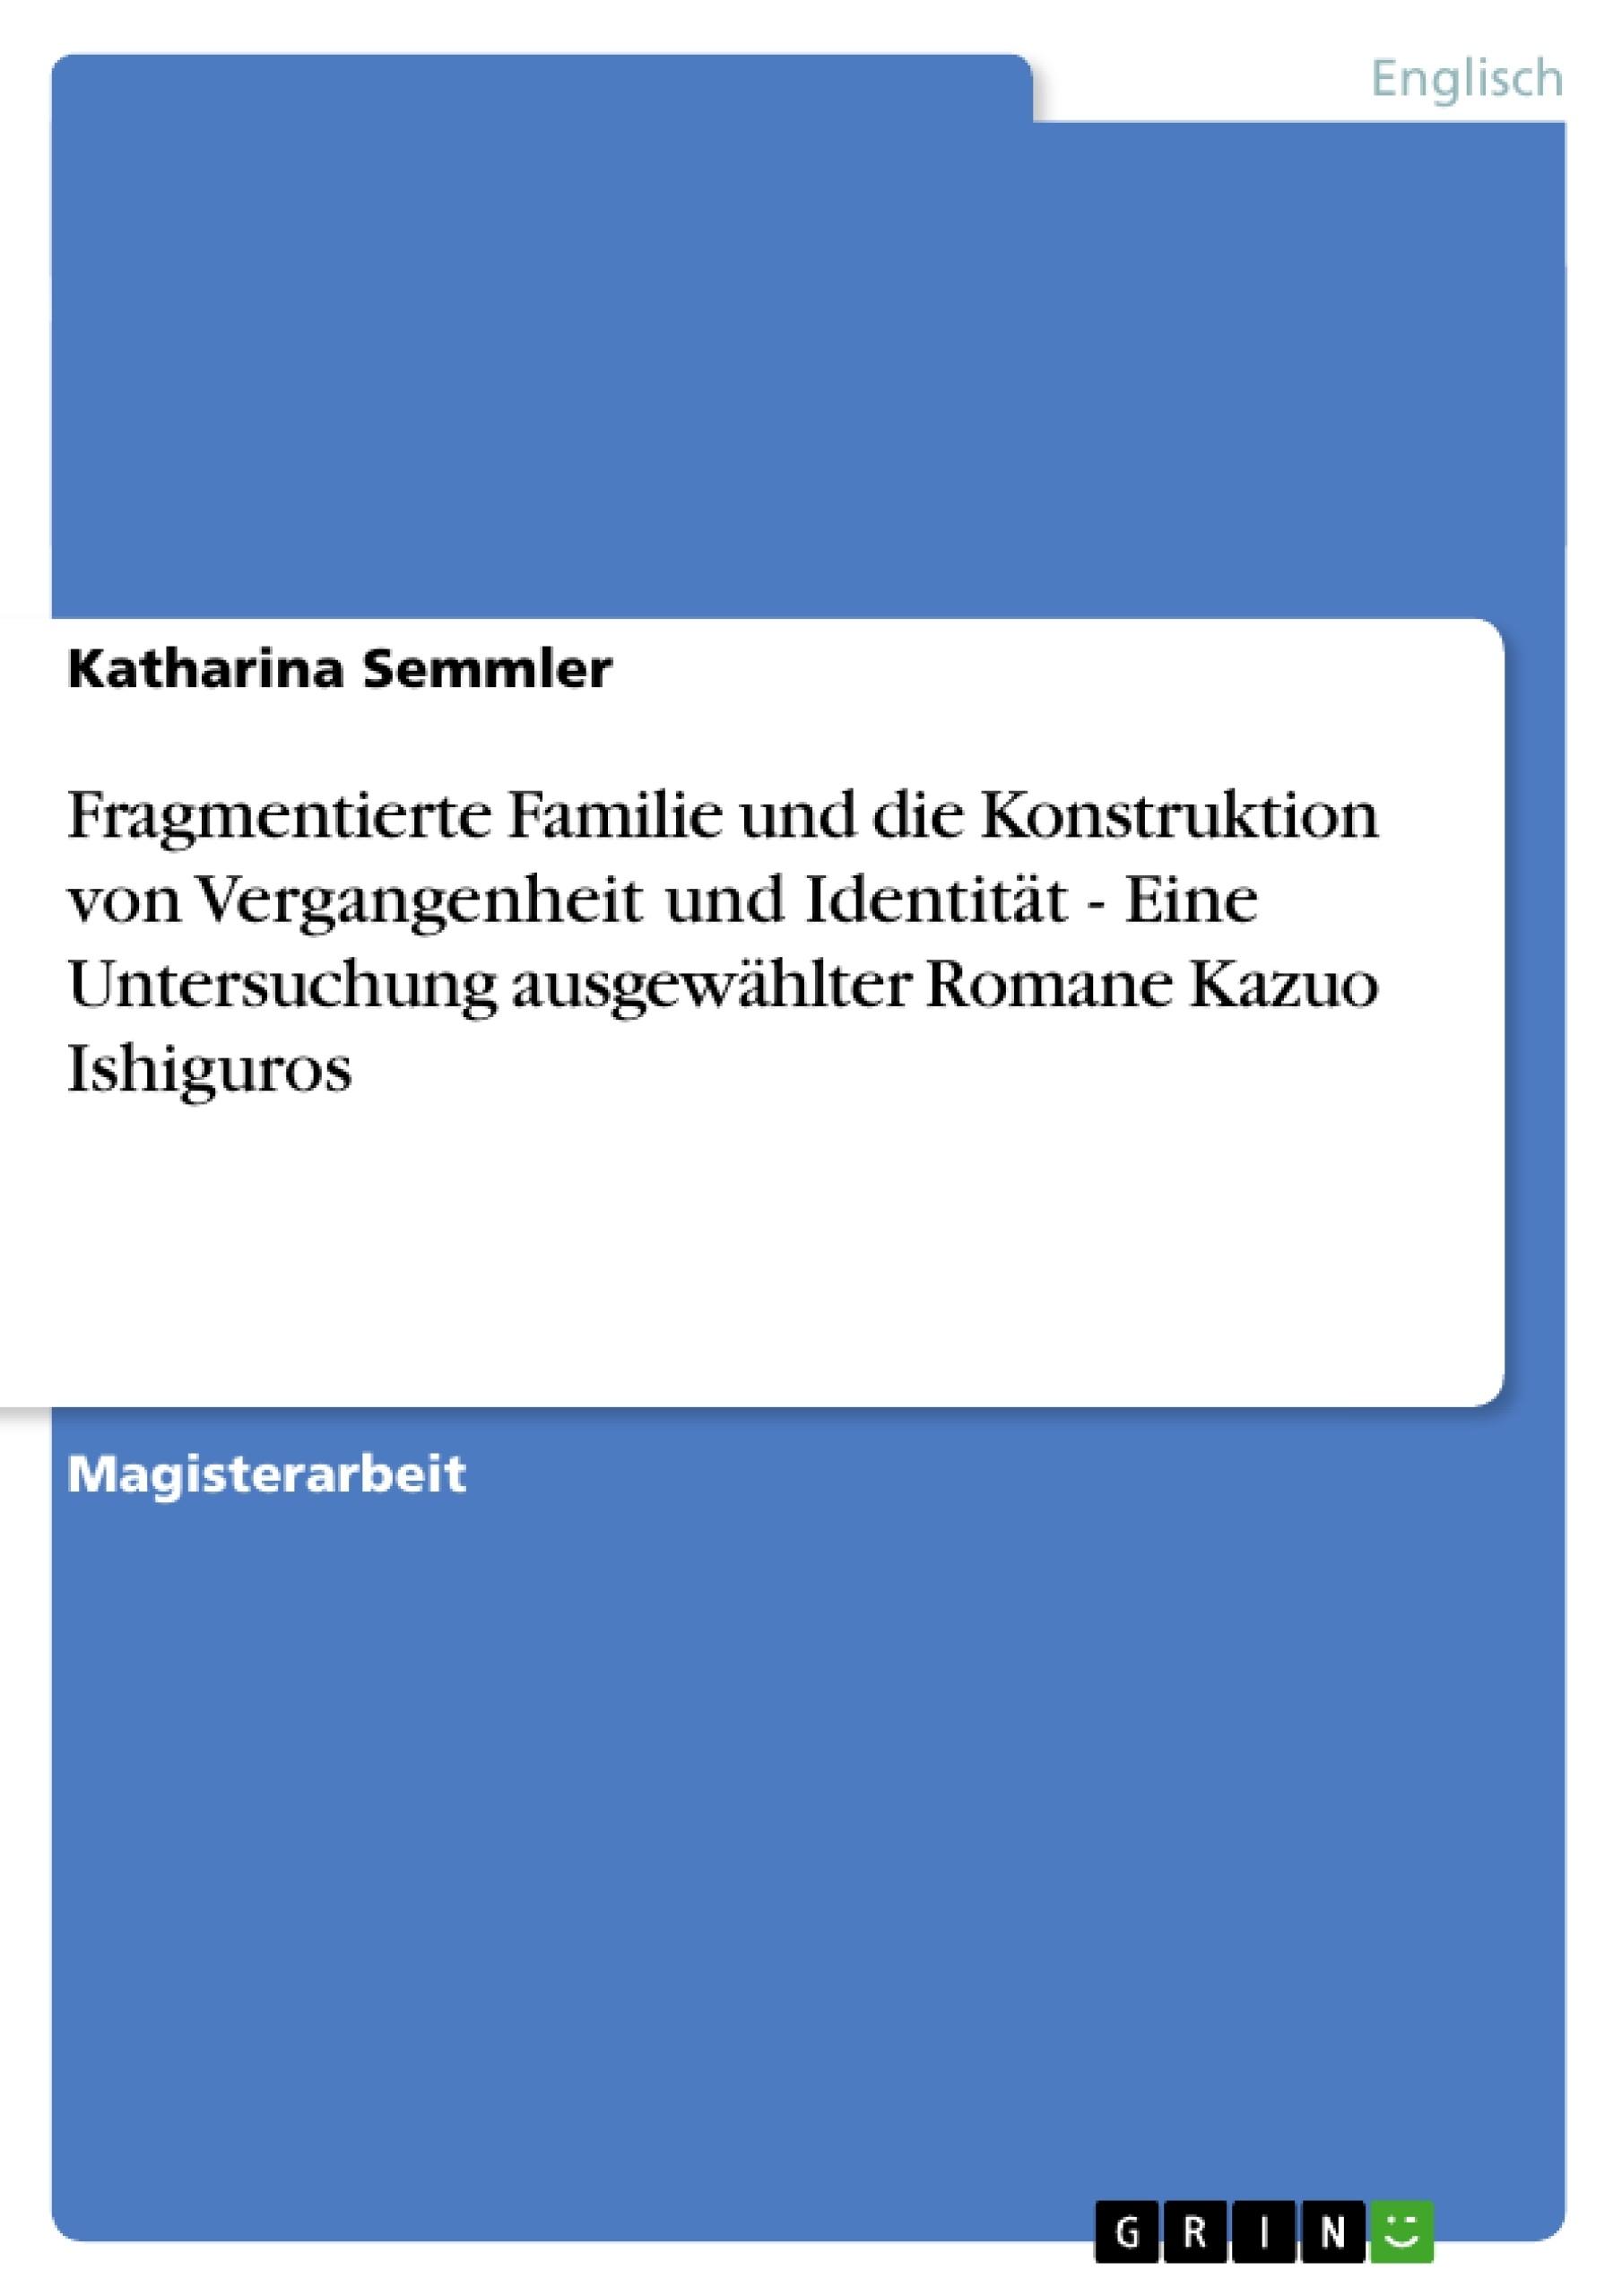 Titel: Fragmentierte Familie und die Konstruktion von Vergangenheit und Identität - Eine Untersuchung ausgewählter Romane Kazuo Ishiguros